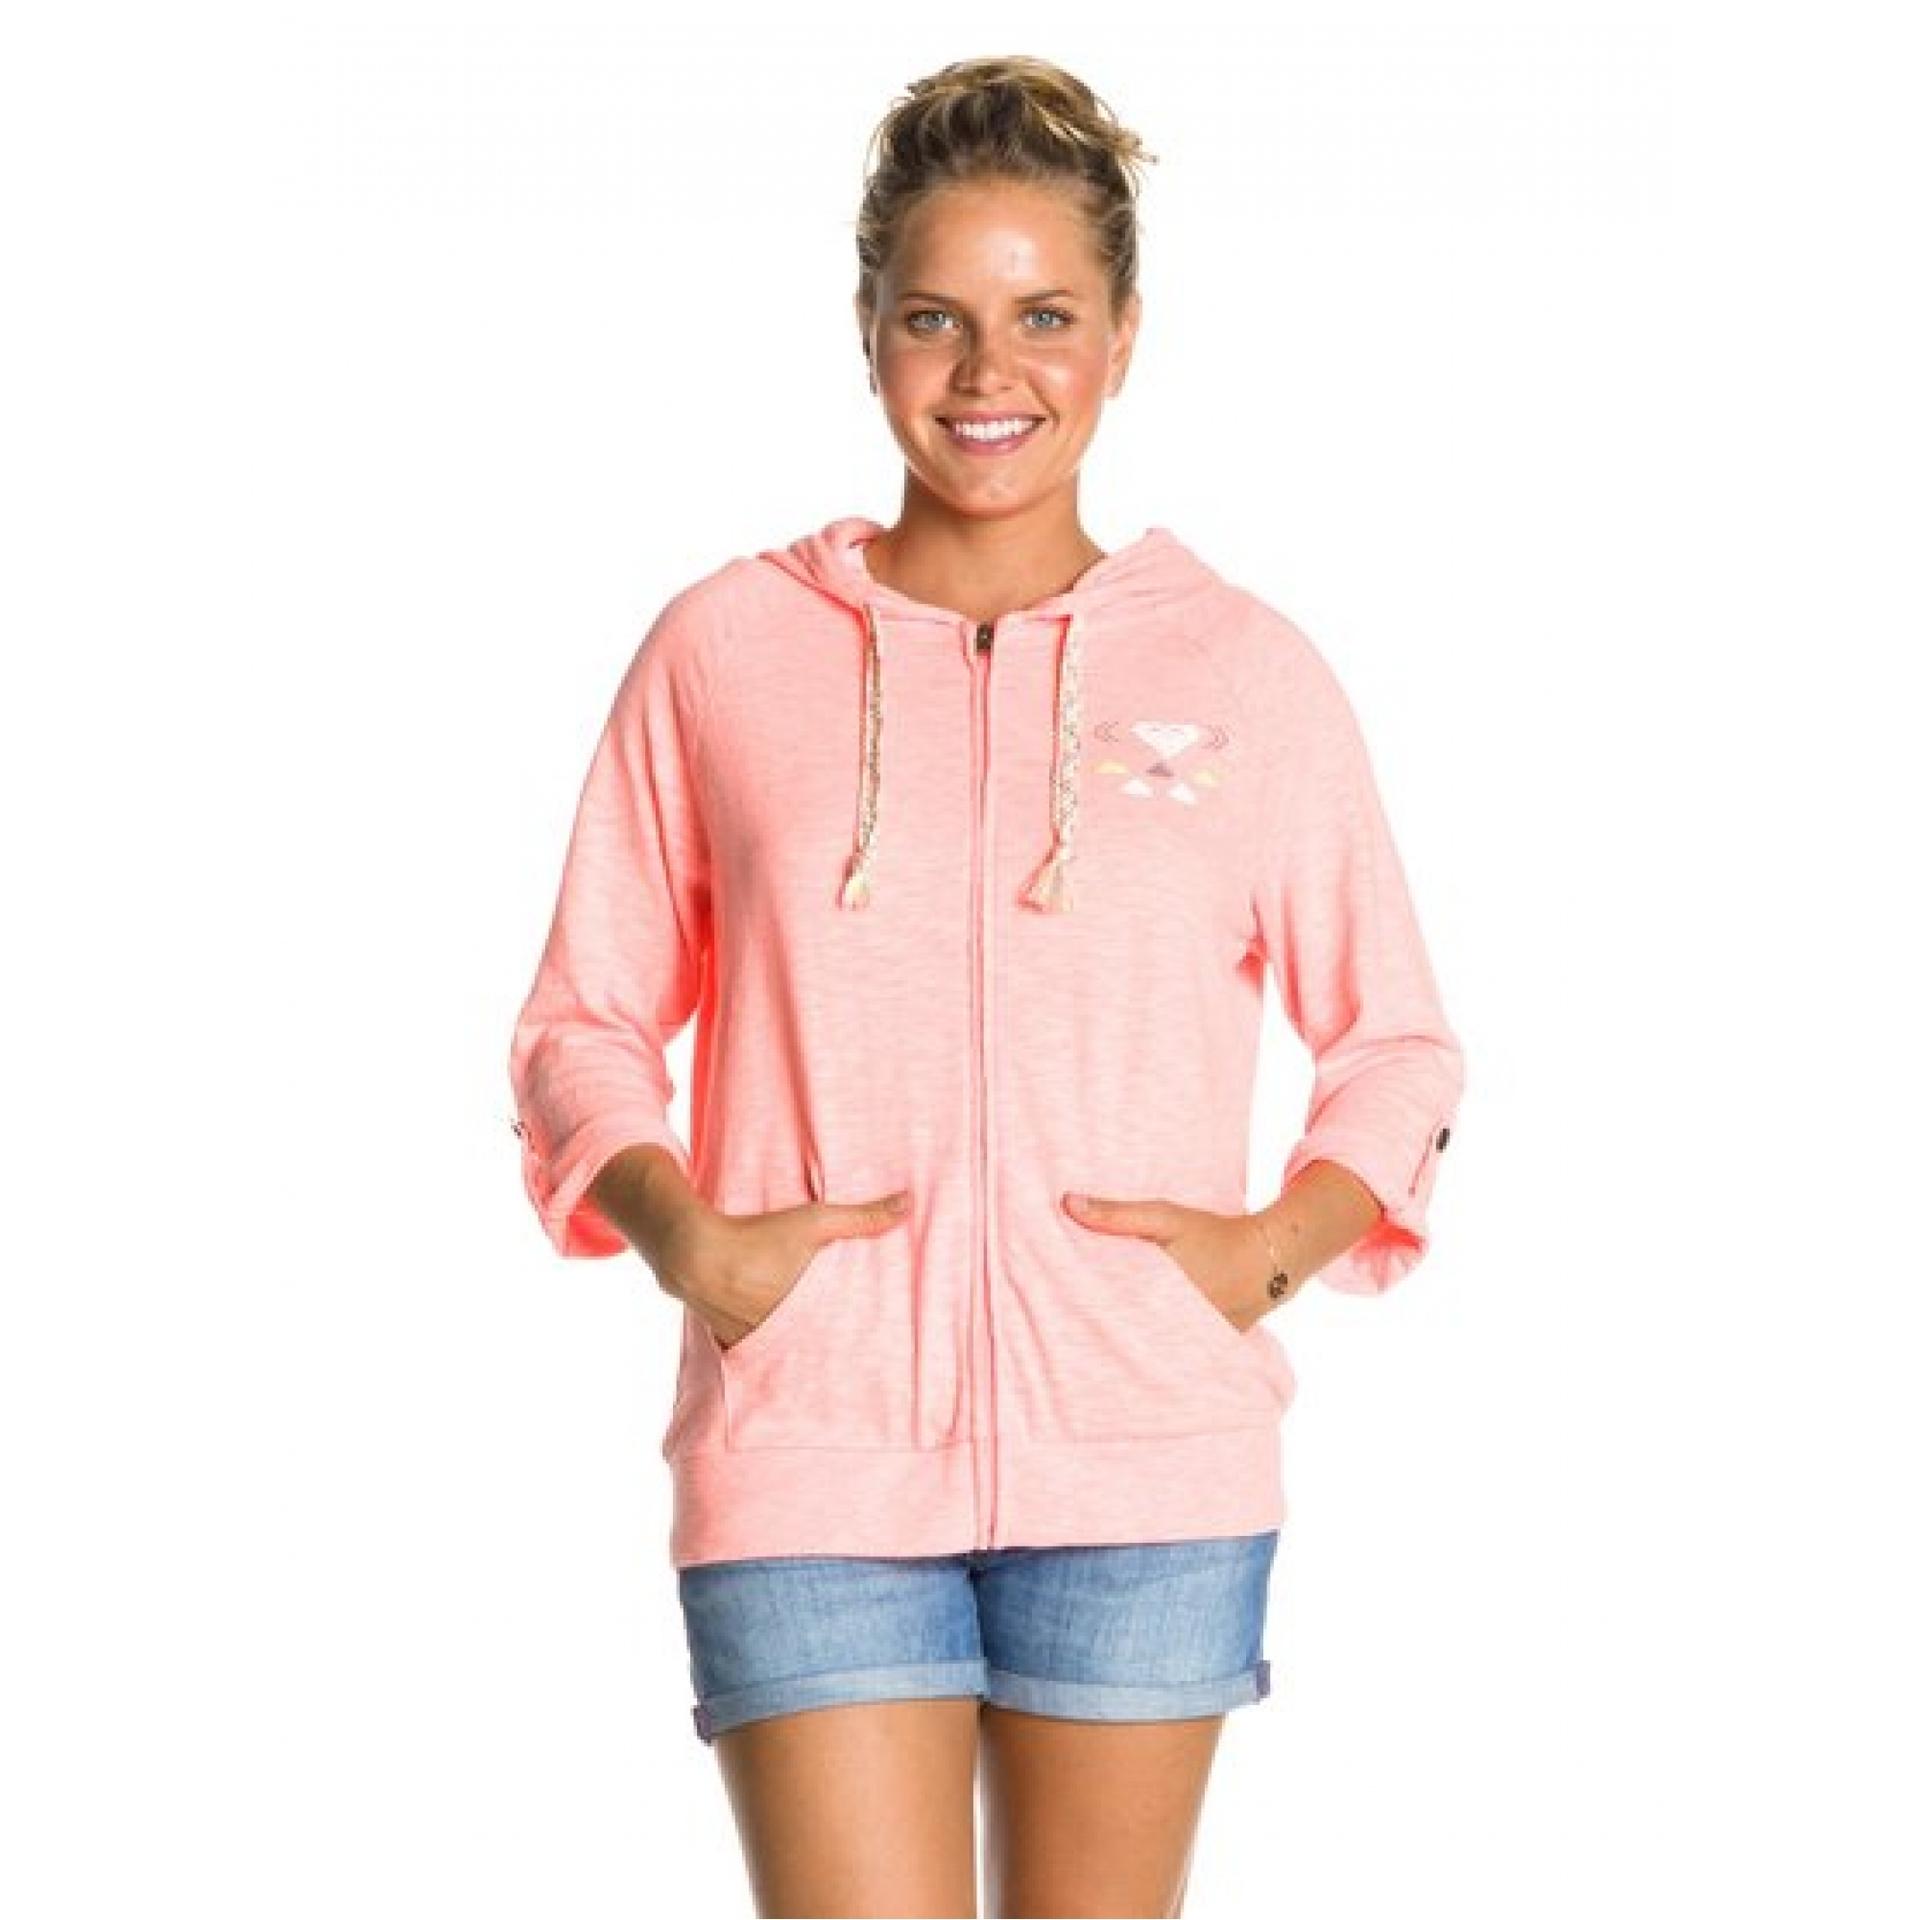 Bluza Roxy Light Sluby różowa